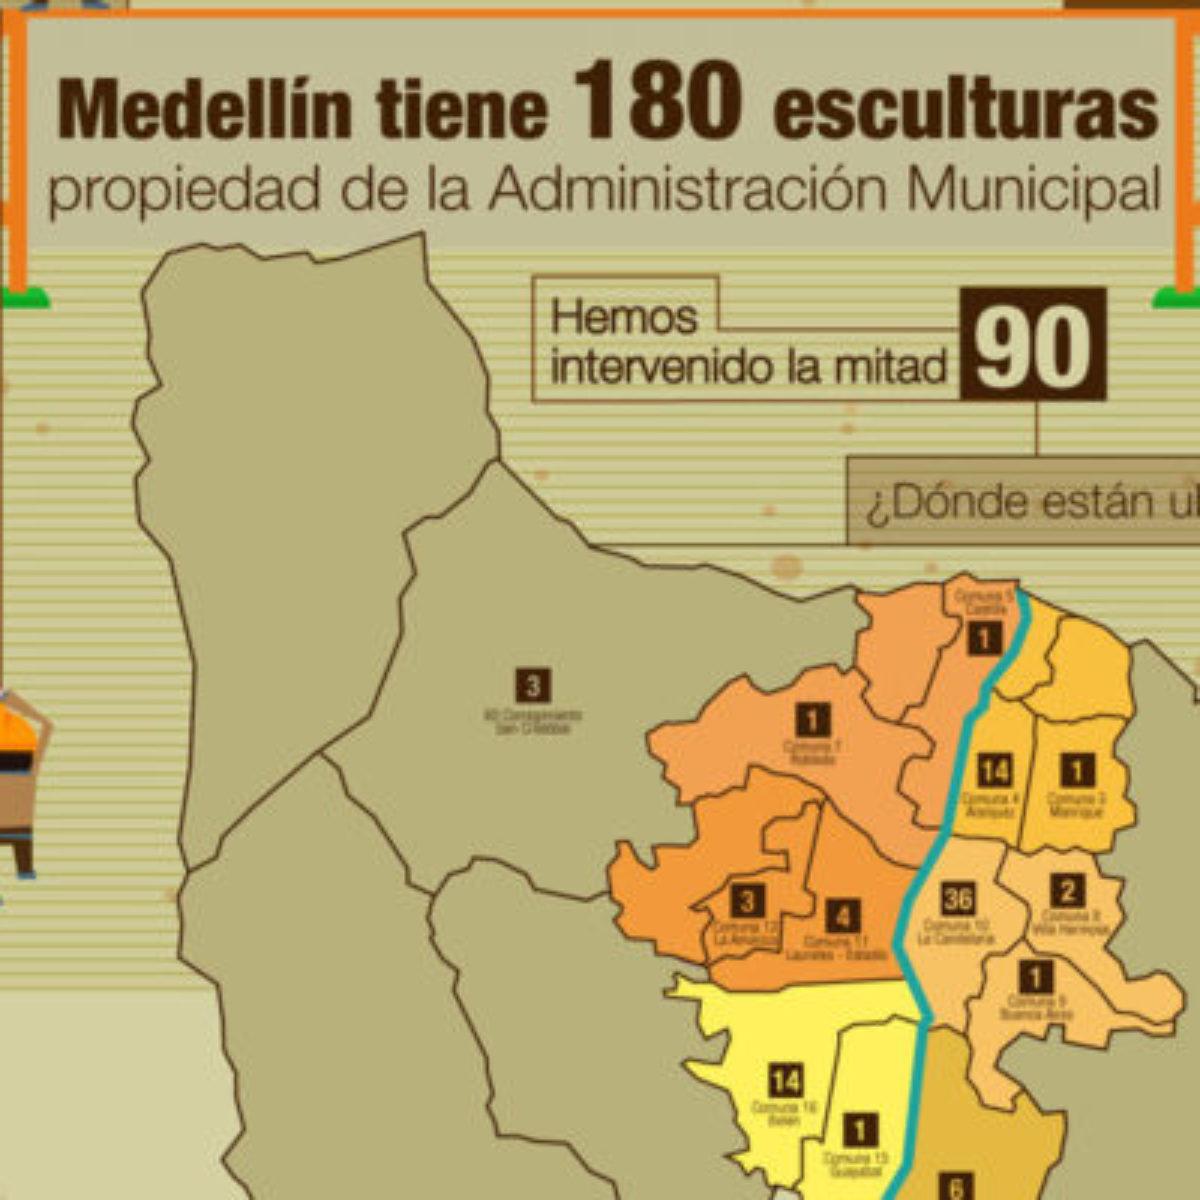 conservación patrimonio escultórico de Medellín